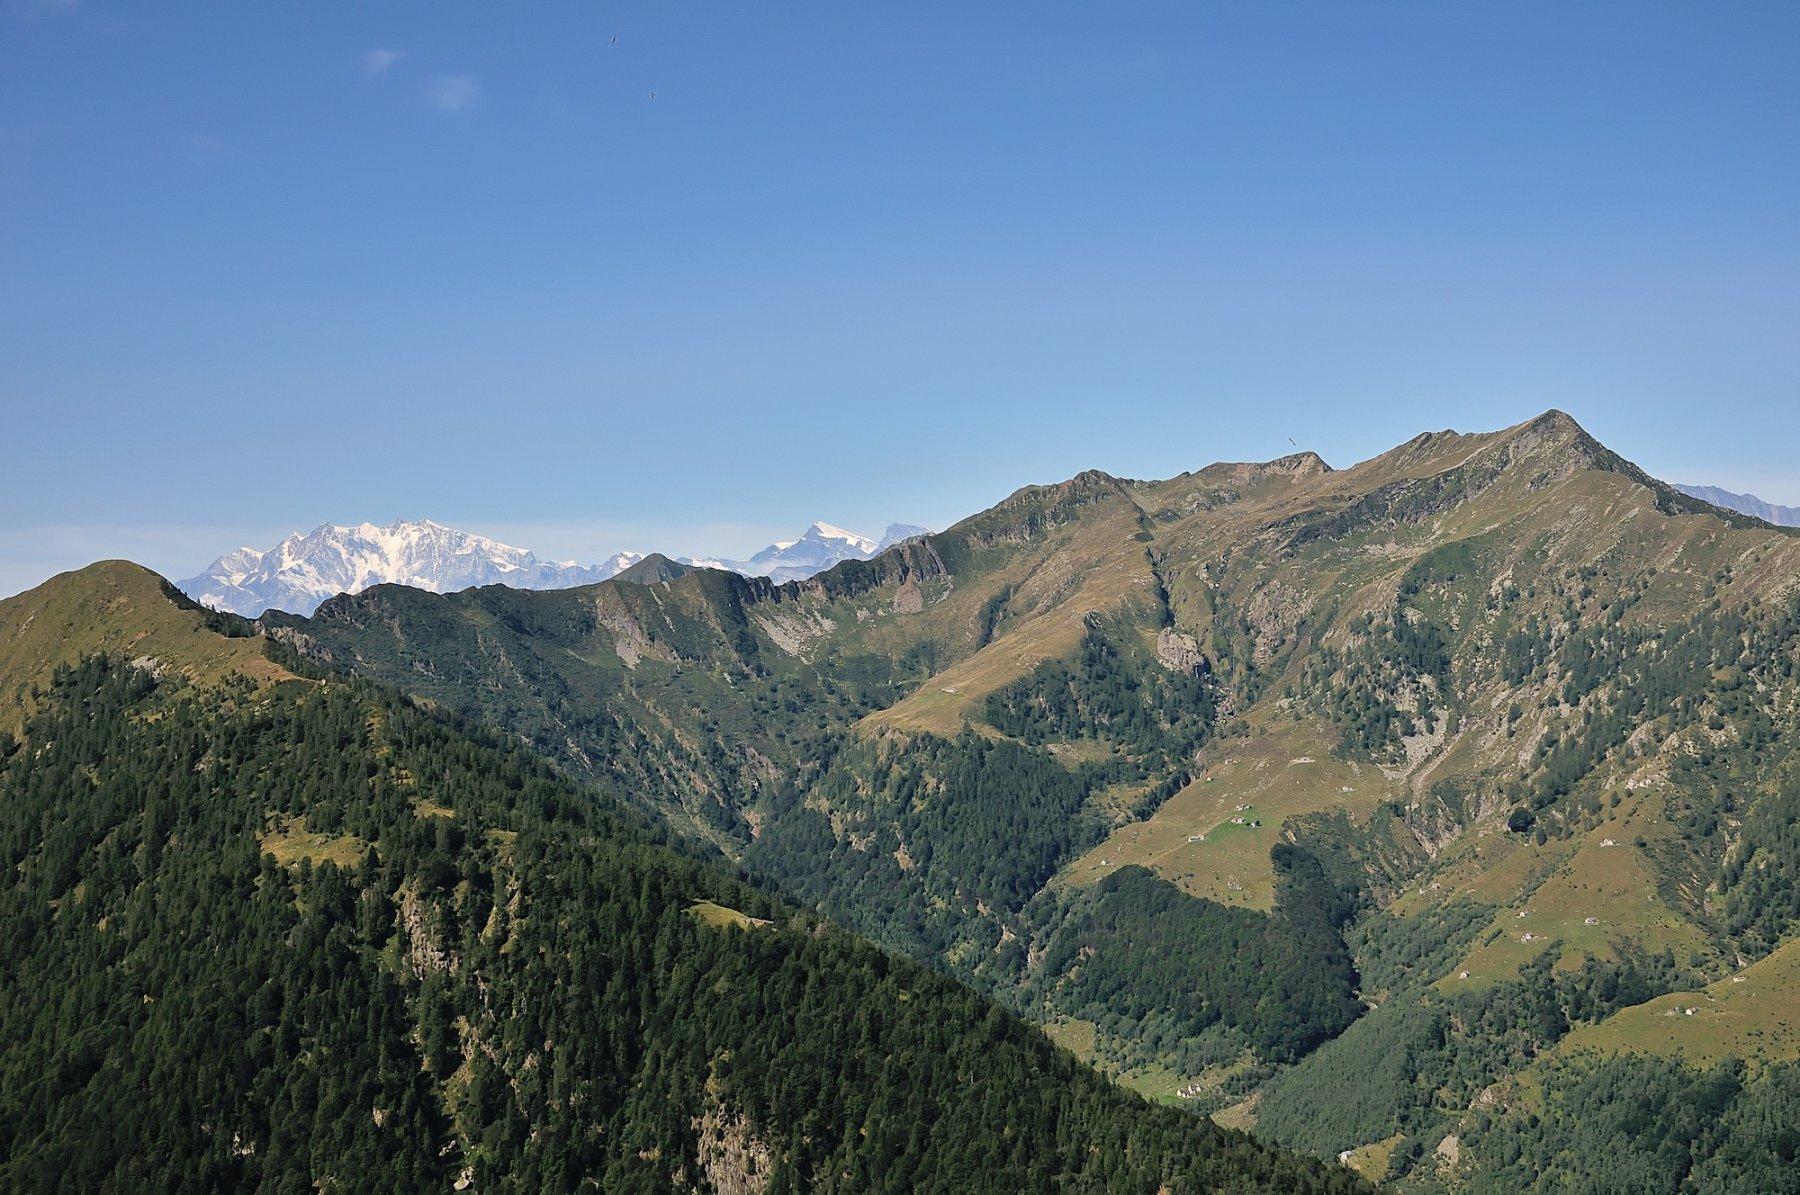 Monte Rosa e Valle del Basso visti dalla Testa del Mater